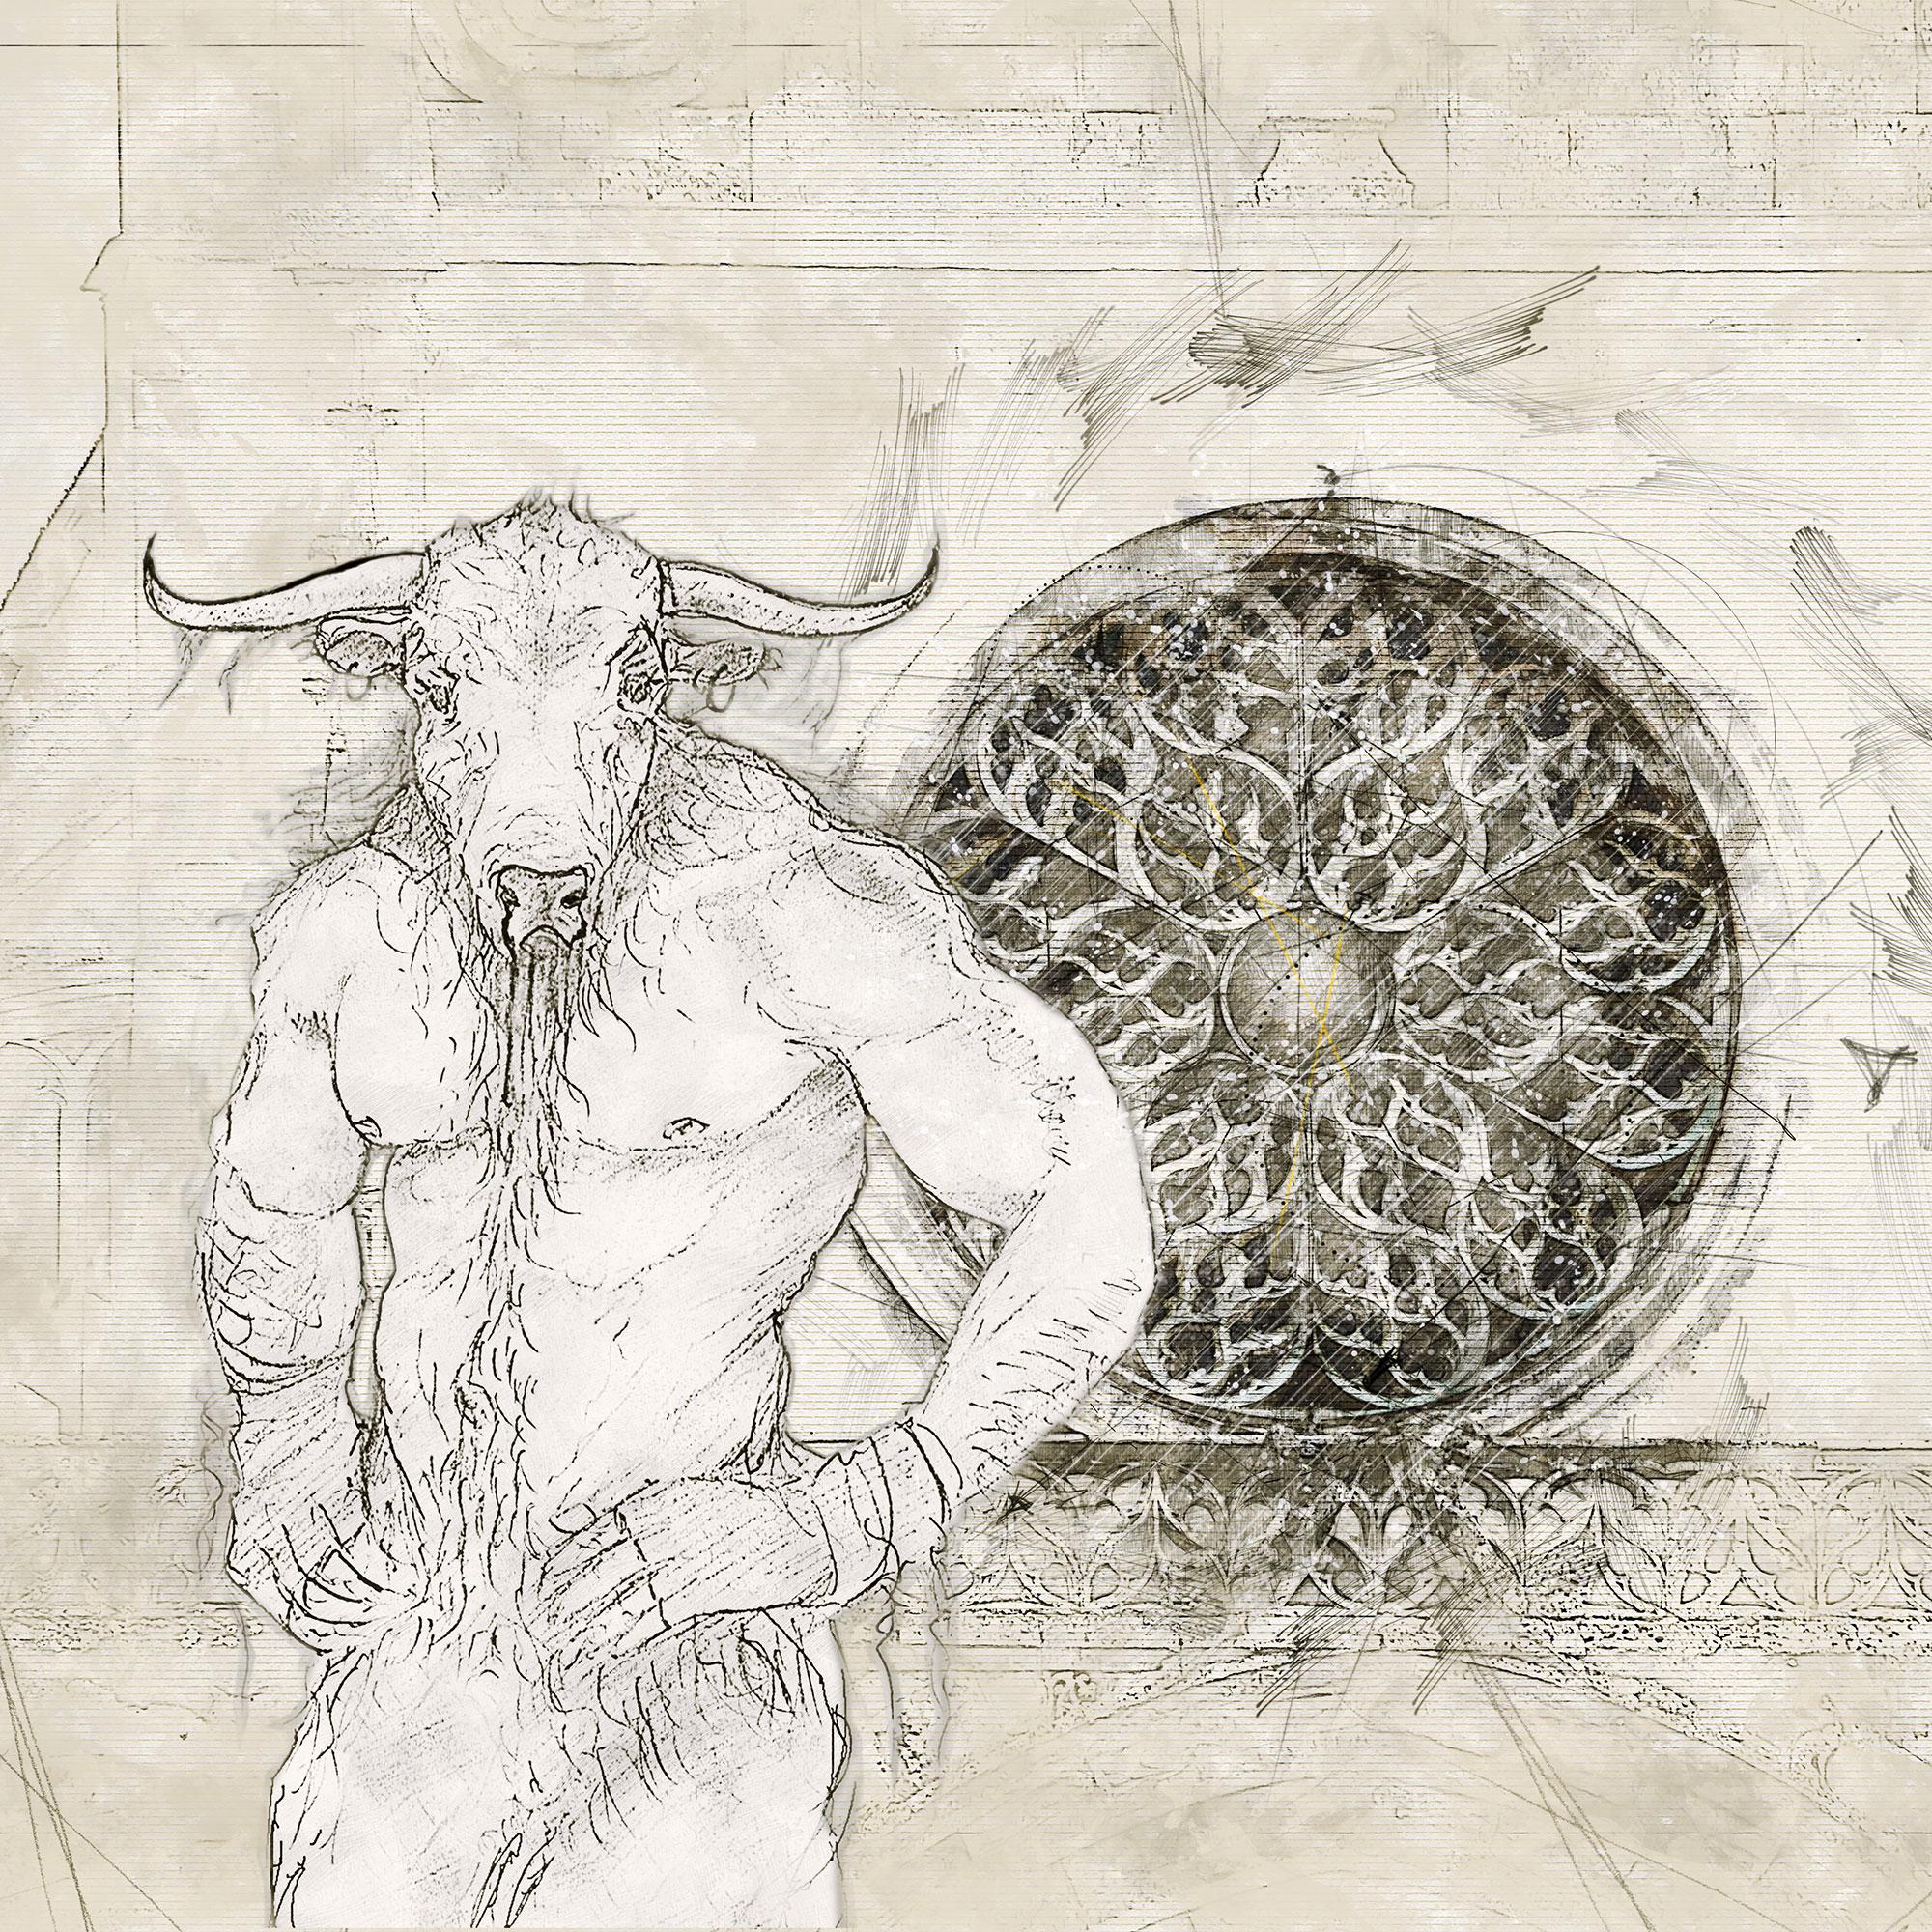 Bazas - Le minotaure et la rosace